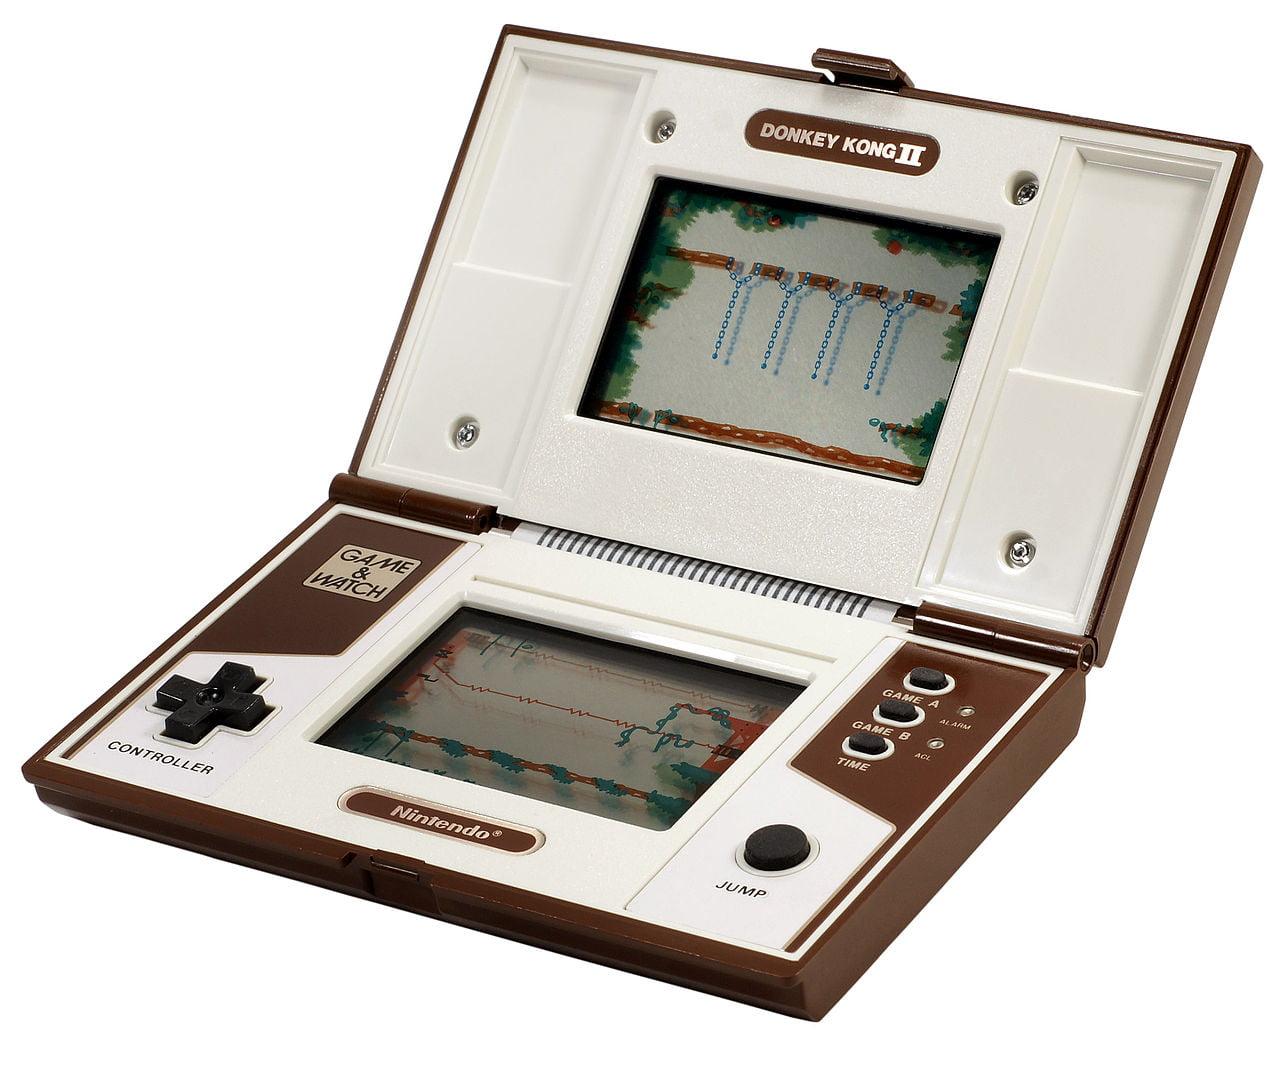 game-watch-donkey-kong-2 The Internet Archive fait revivre les jeux électroniques de votre enfance !